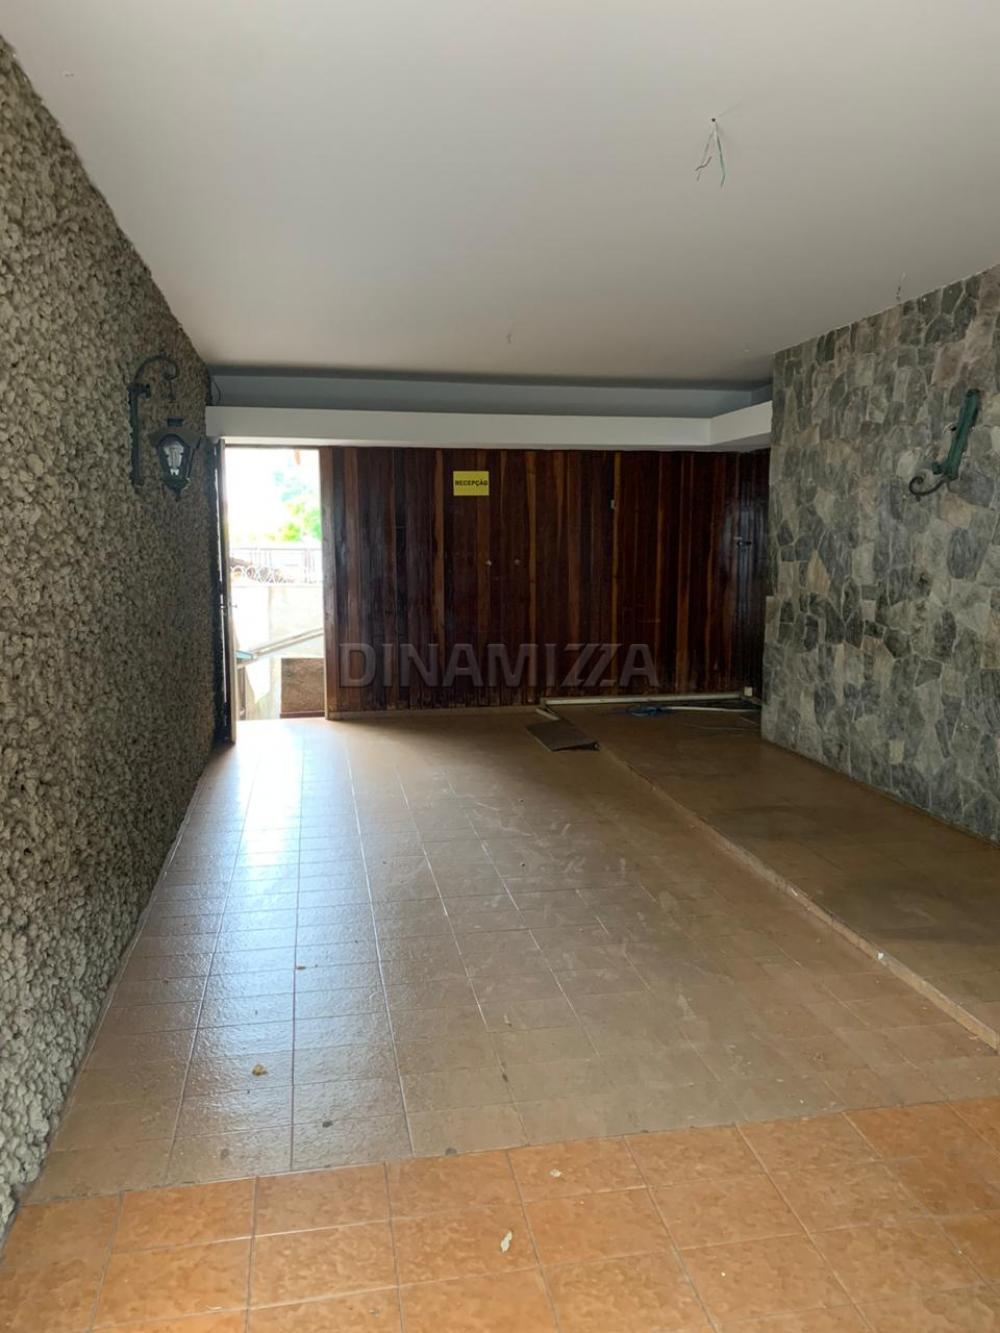 Alugar Casa / Padrão em Uberaba R$ 2.800,00 - Foto 2